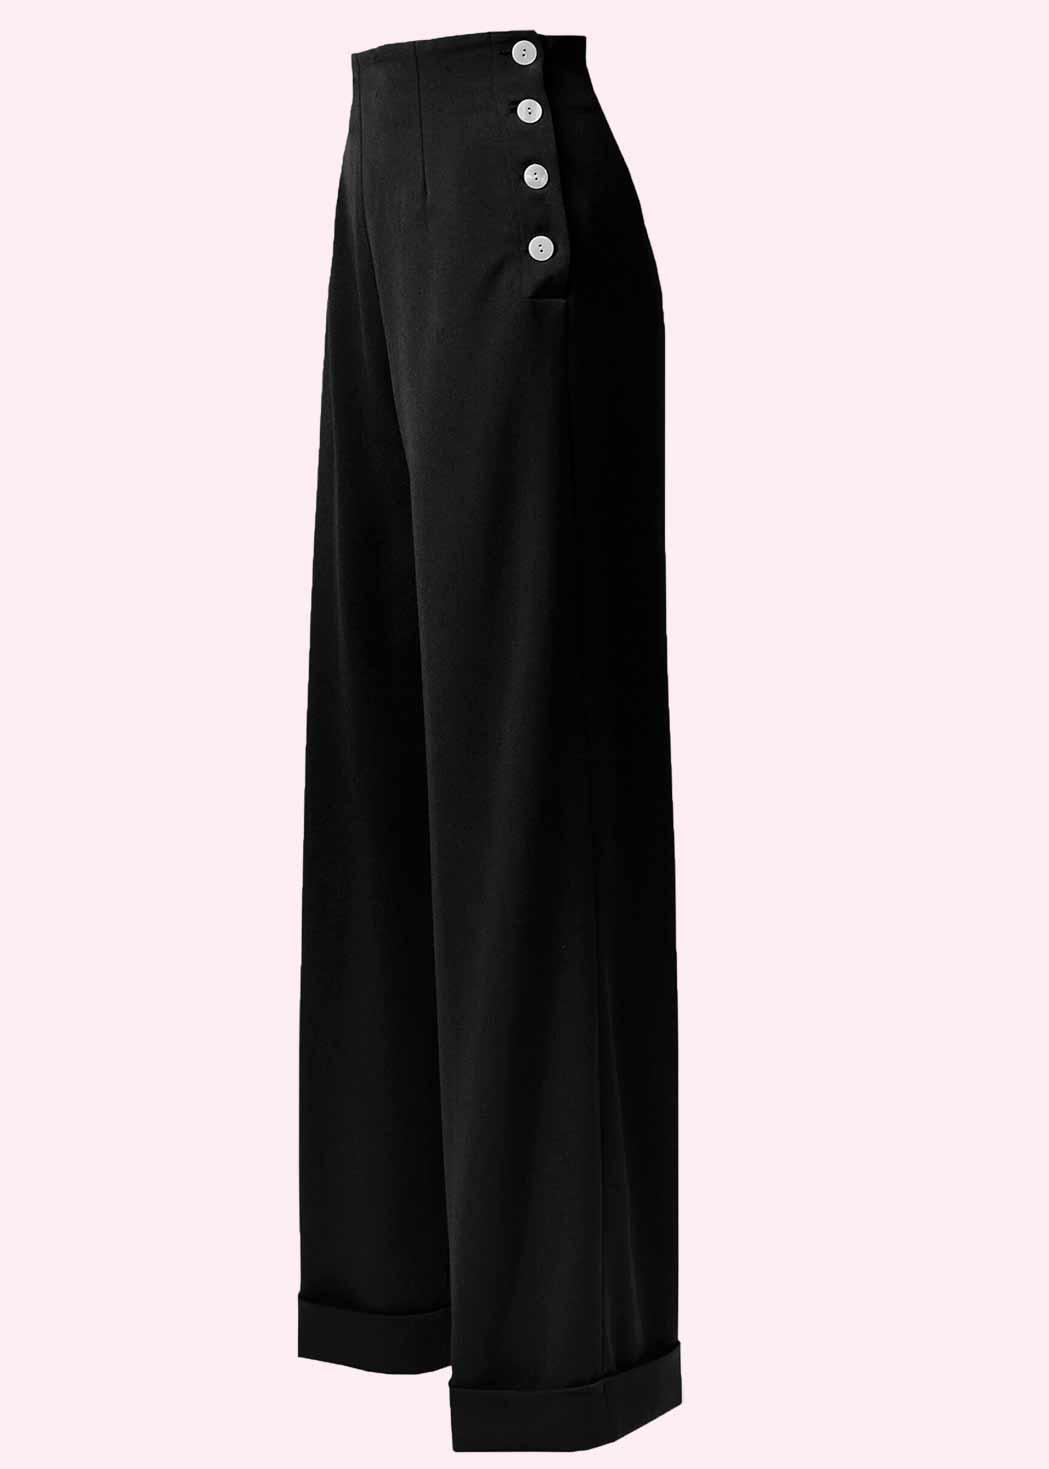 Sorte bukser med brede ben og høj talje fra The House Of Foxy